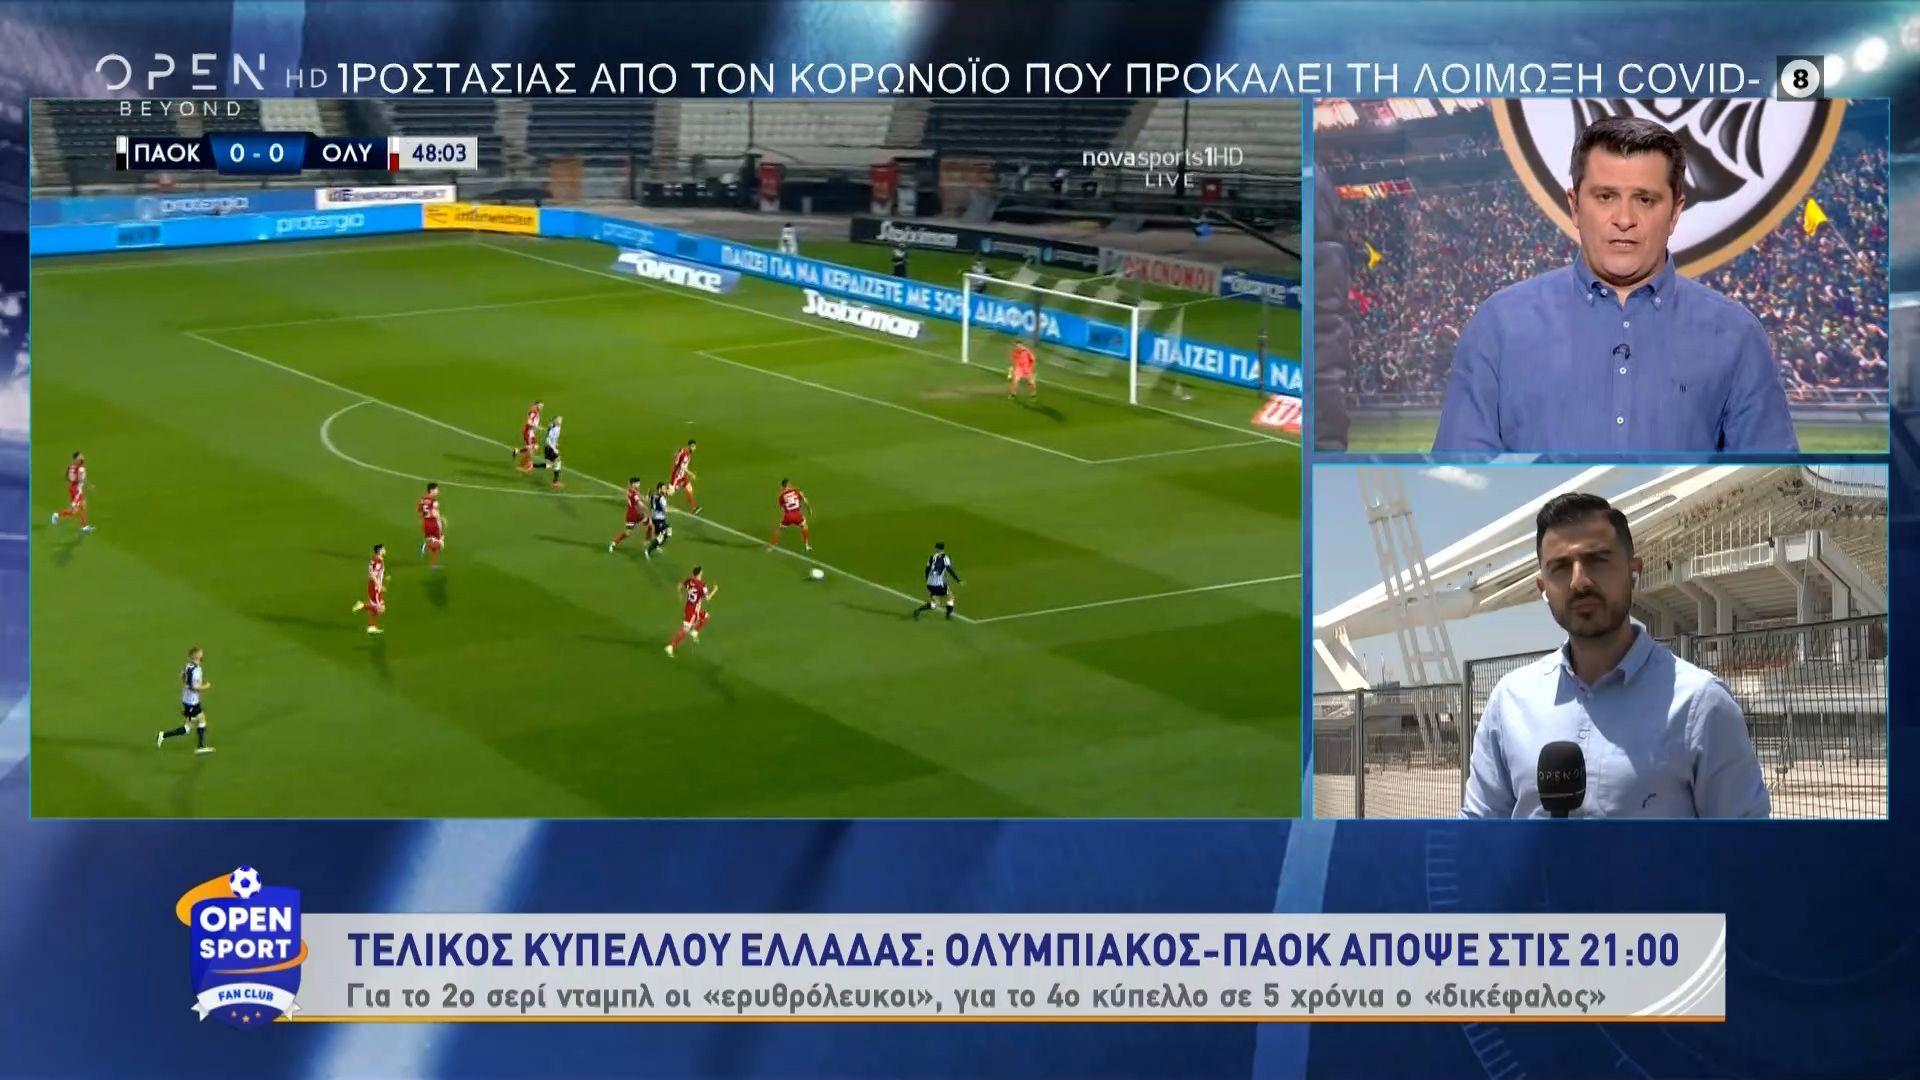 Τελικός Κυπέλλου Ελλάδας: Ολυμπιακός – ΠΑΟΚ – τελευταία νέα (video)